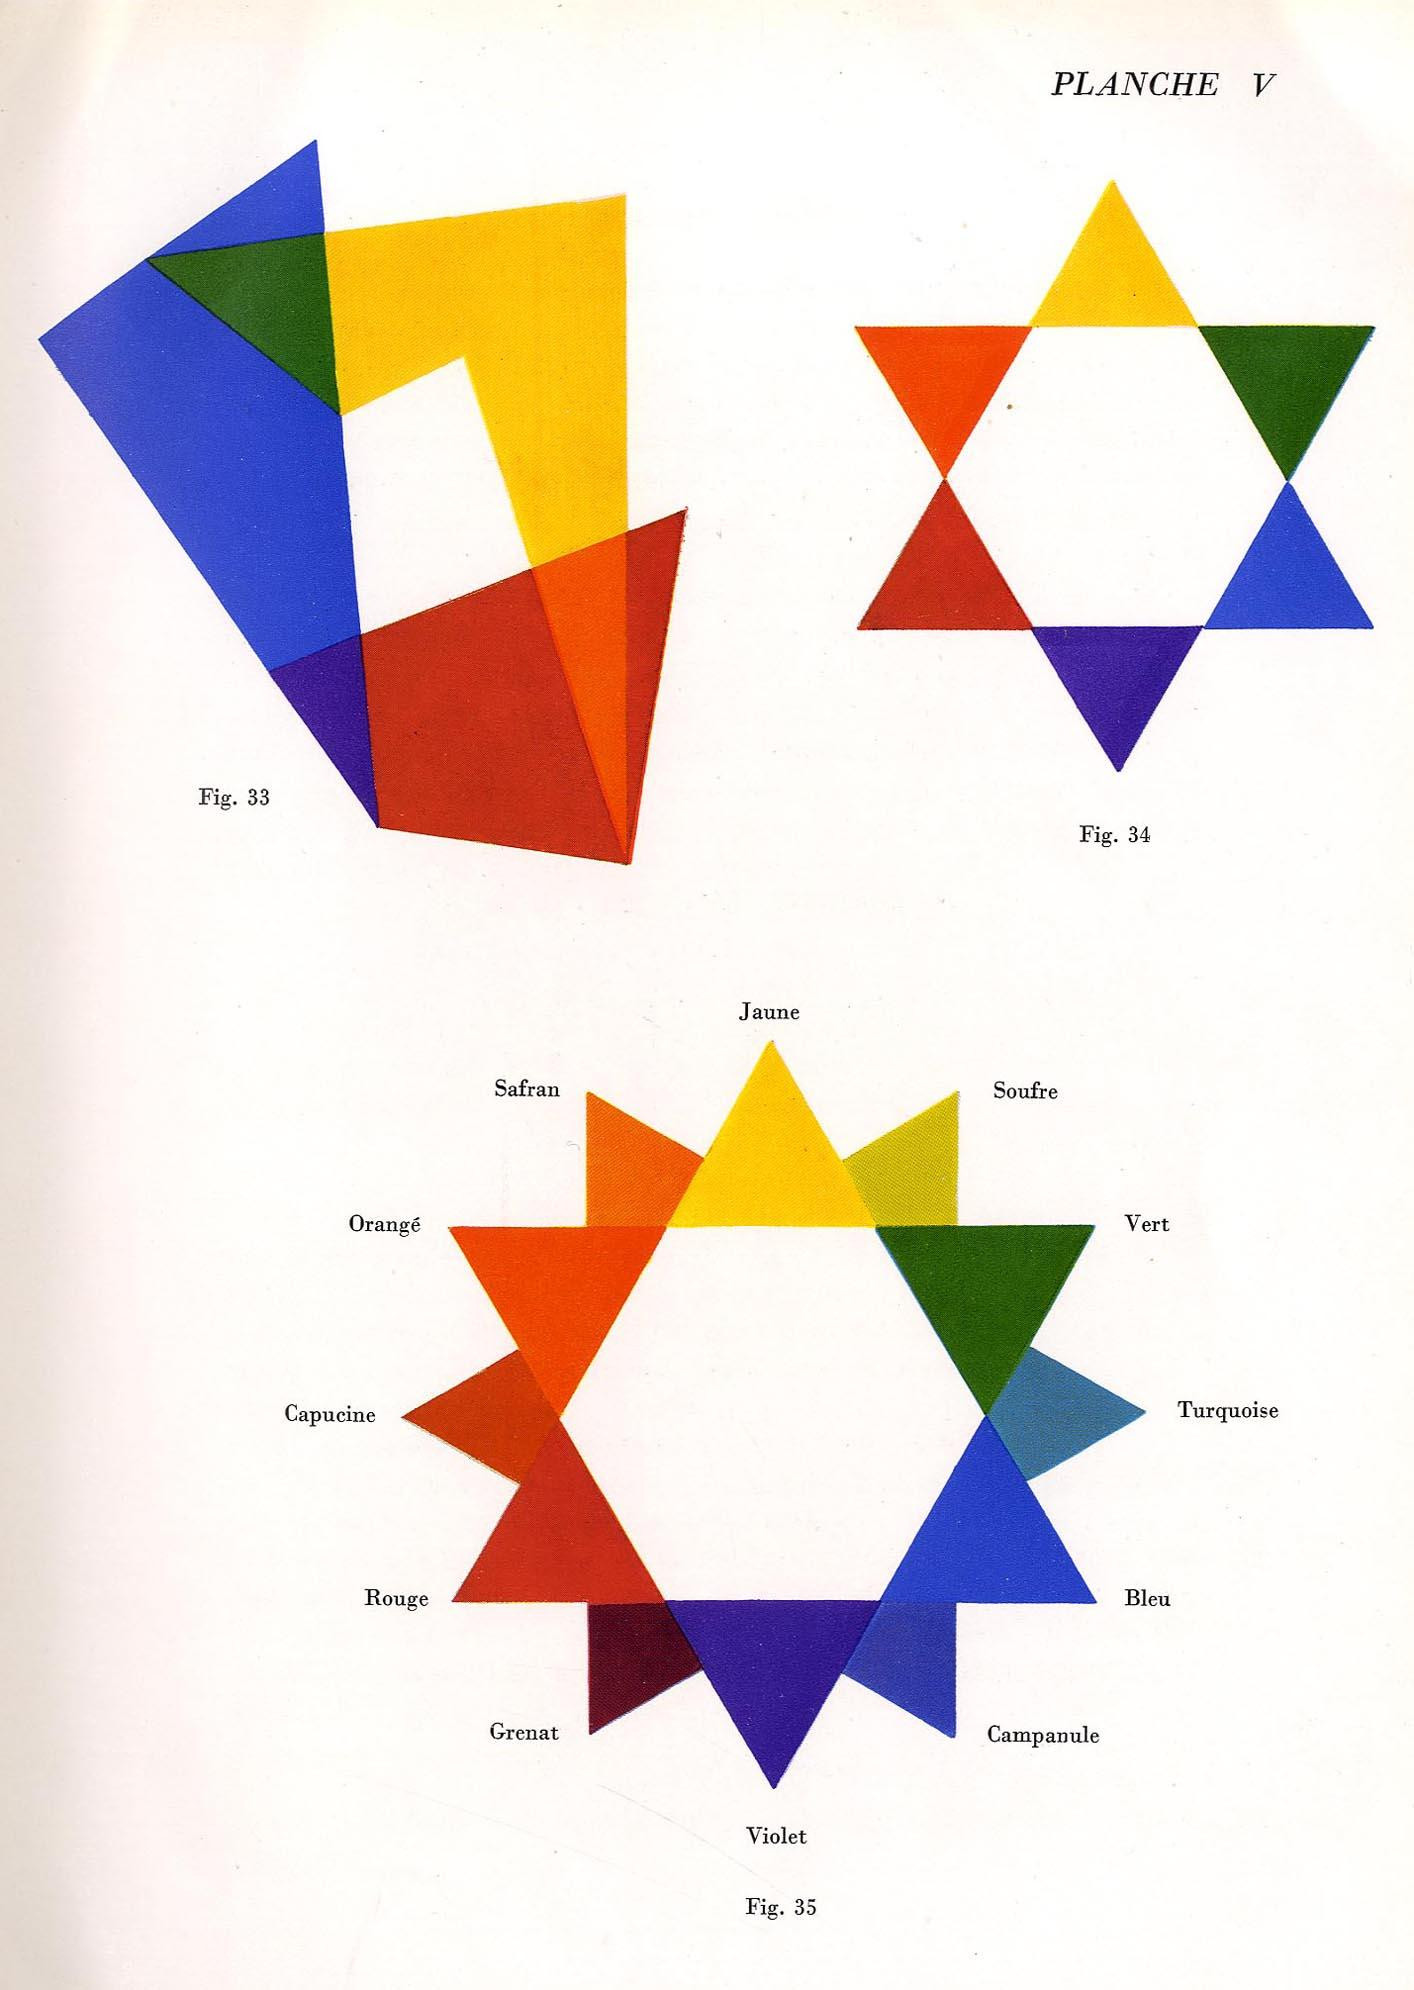 24.jpg (1414×1990)